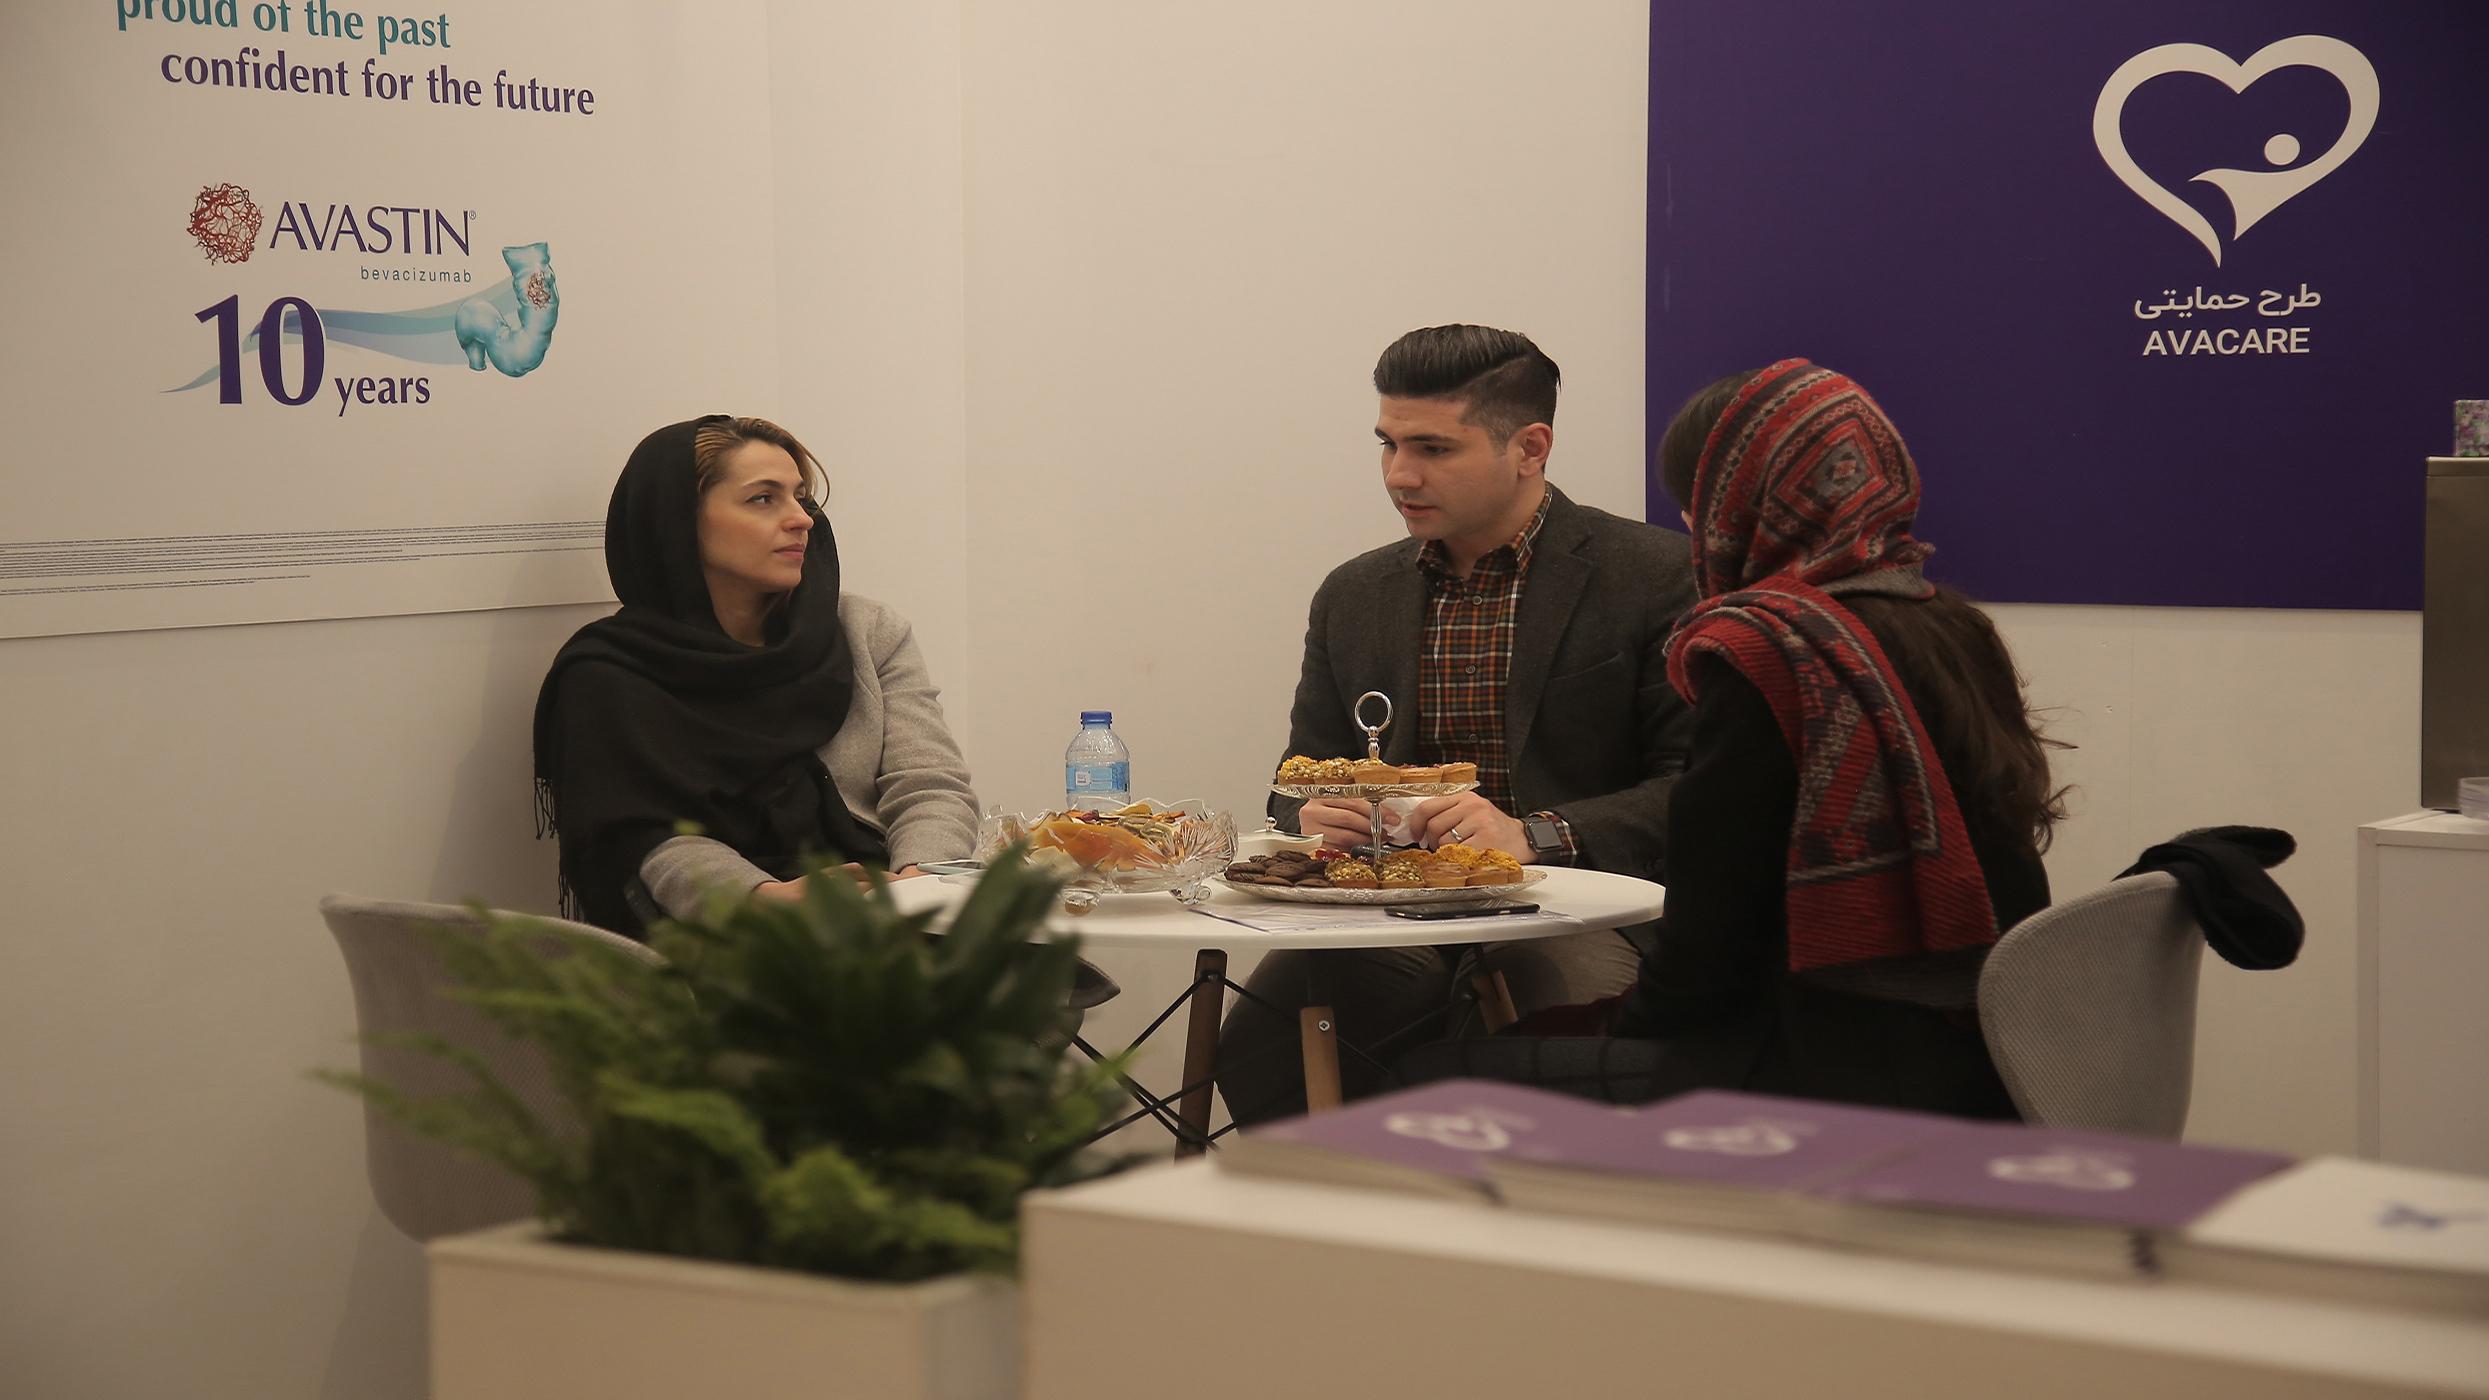 (شرکت های دارویی و پزشکی حامی موسسه خیریه محمد حسین رضوی در اولین سمینار سرطان در جوانان درسطح خاورمیانه)